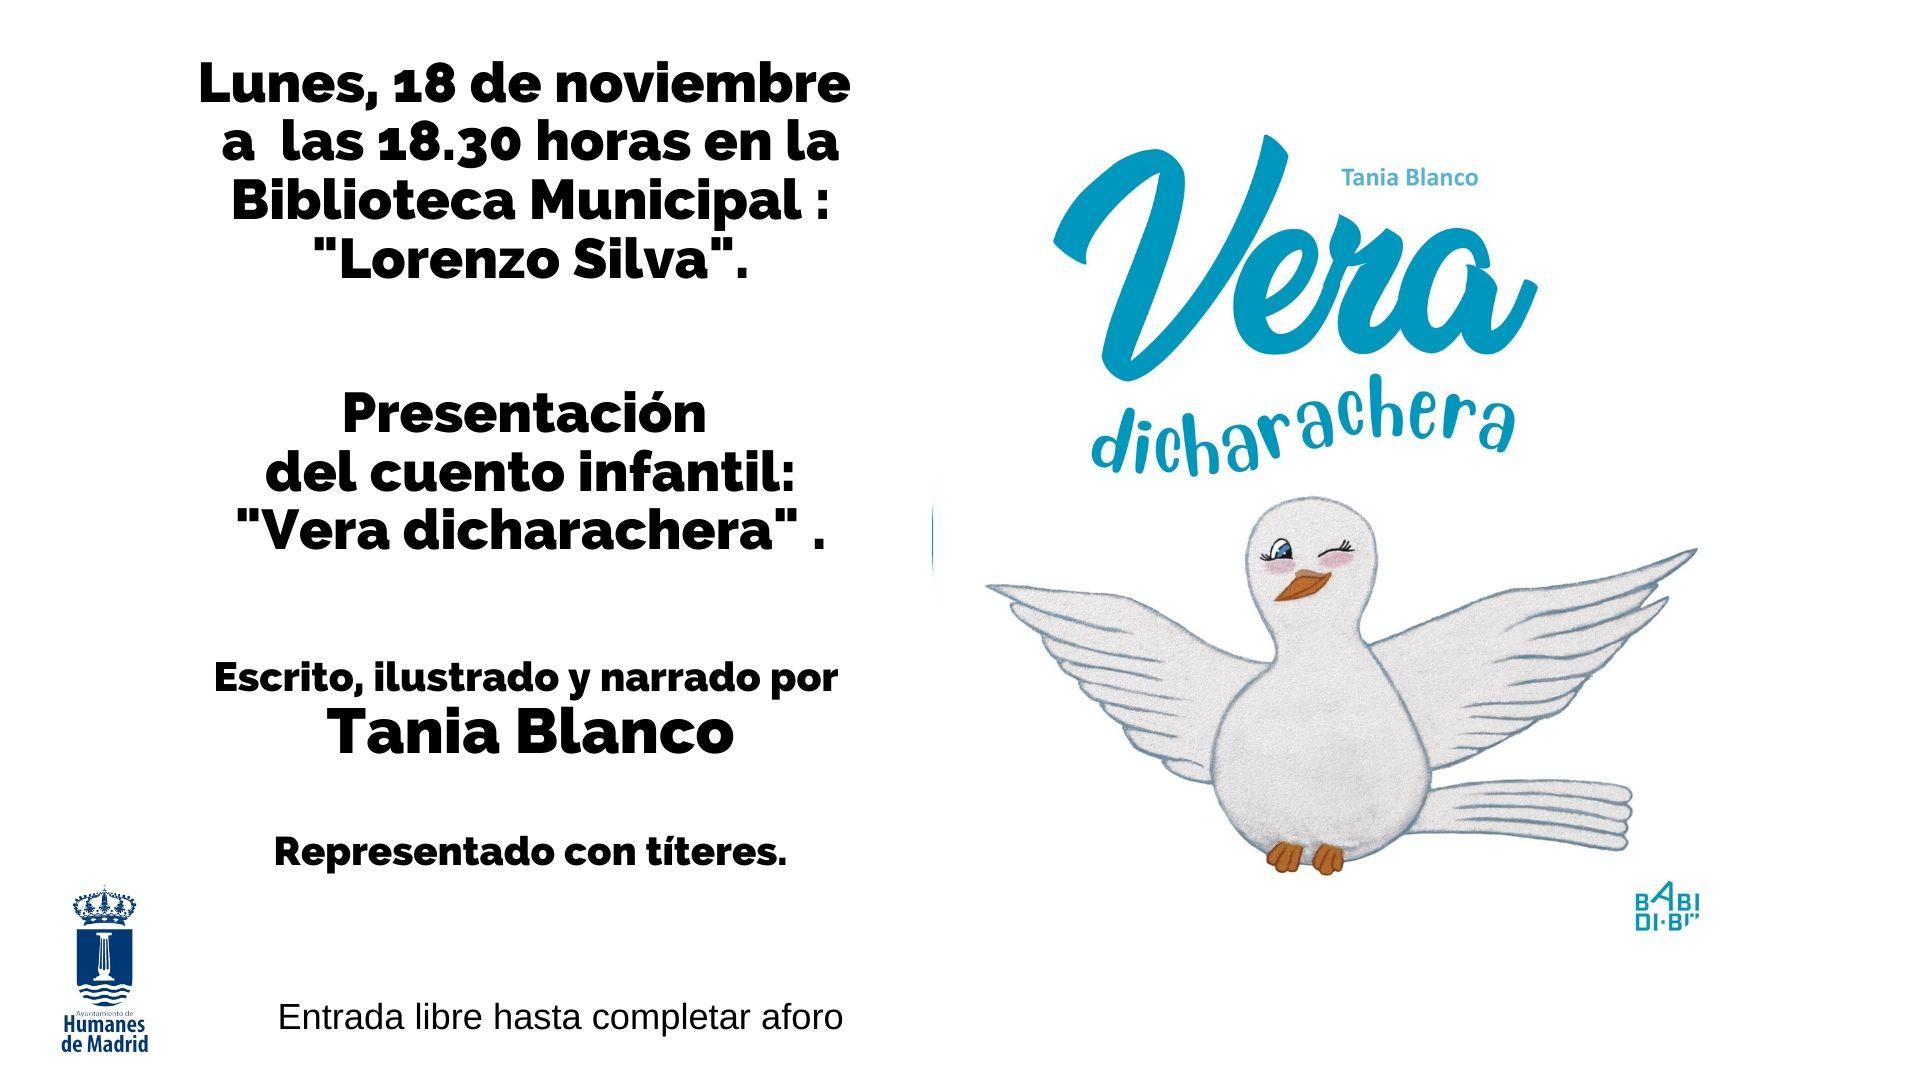 Tania Blanco vecina de Humanes de Madrid, presenta su primer cuento «Vera dicharachera».